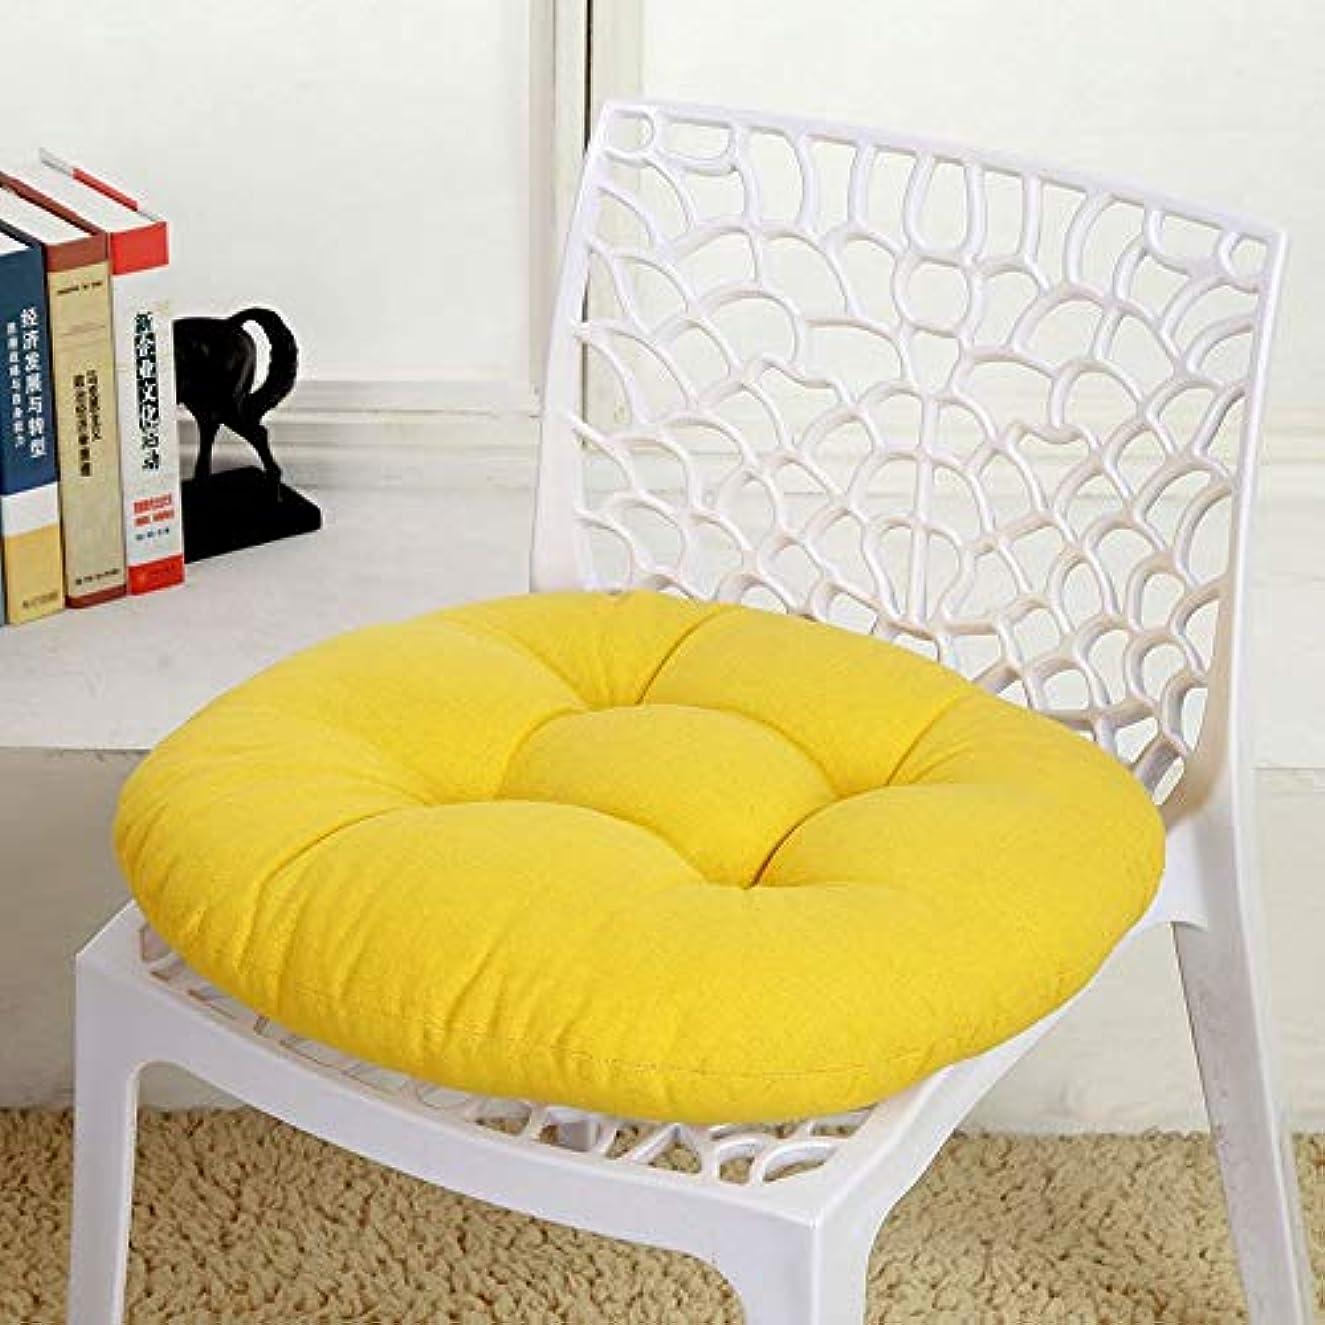 機動しないでください木材LIFE キャンディカラーのクッションラウンドシートクッション波ウィンドウシートクッションクッション家の装飾パッドラウンド枕シート枕椅子座る枕 クッション 椅子